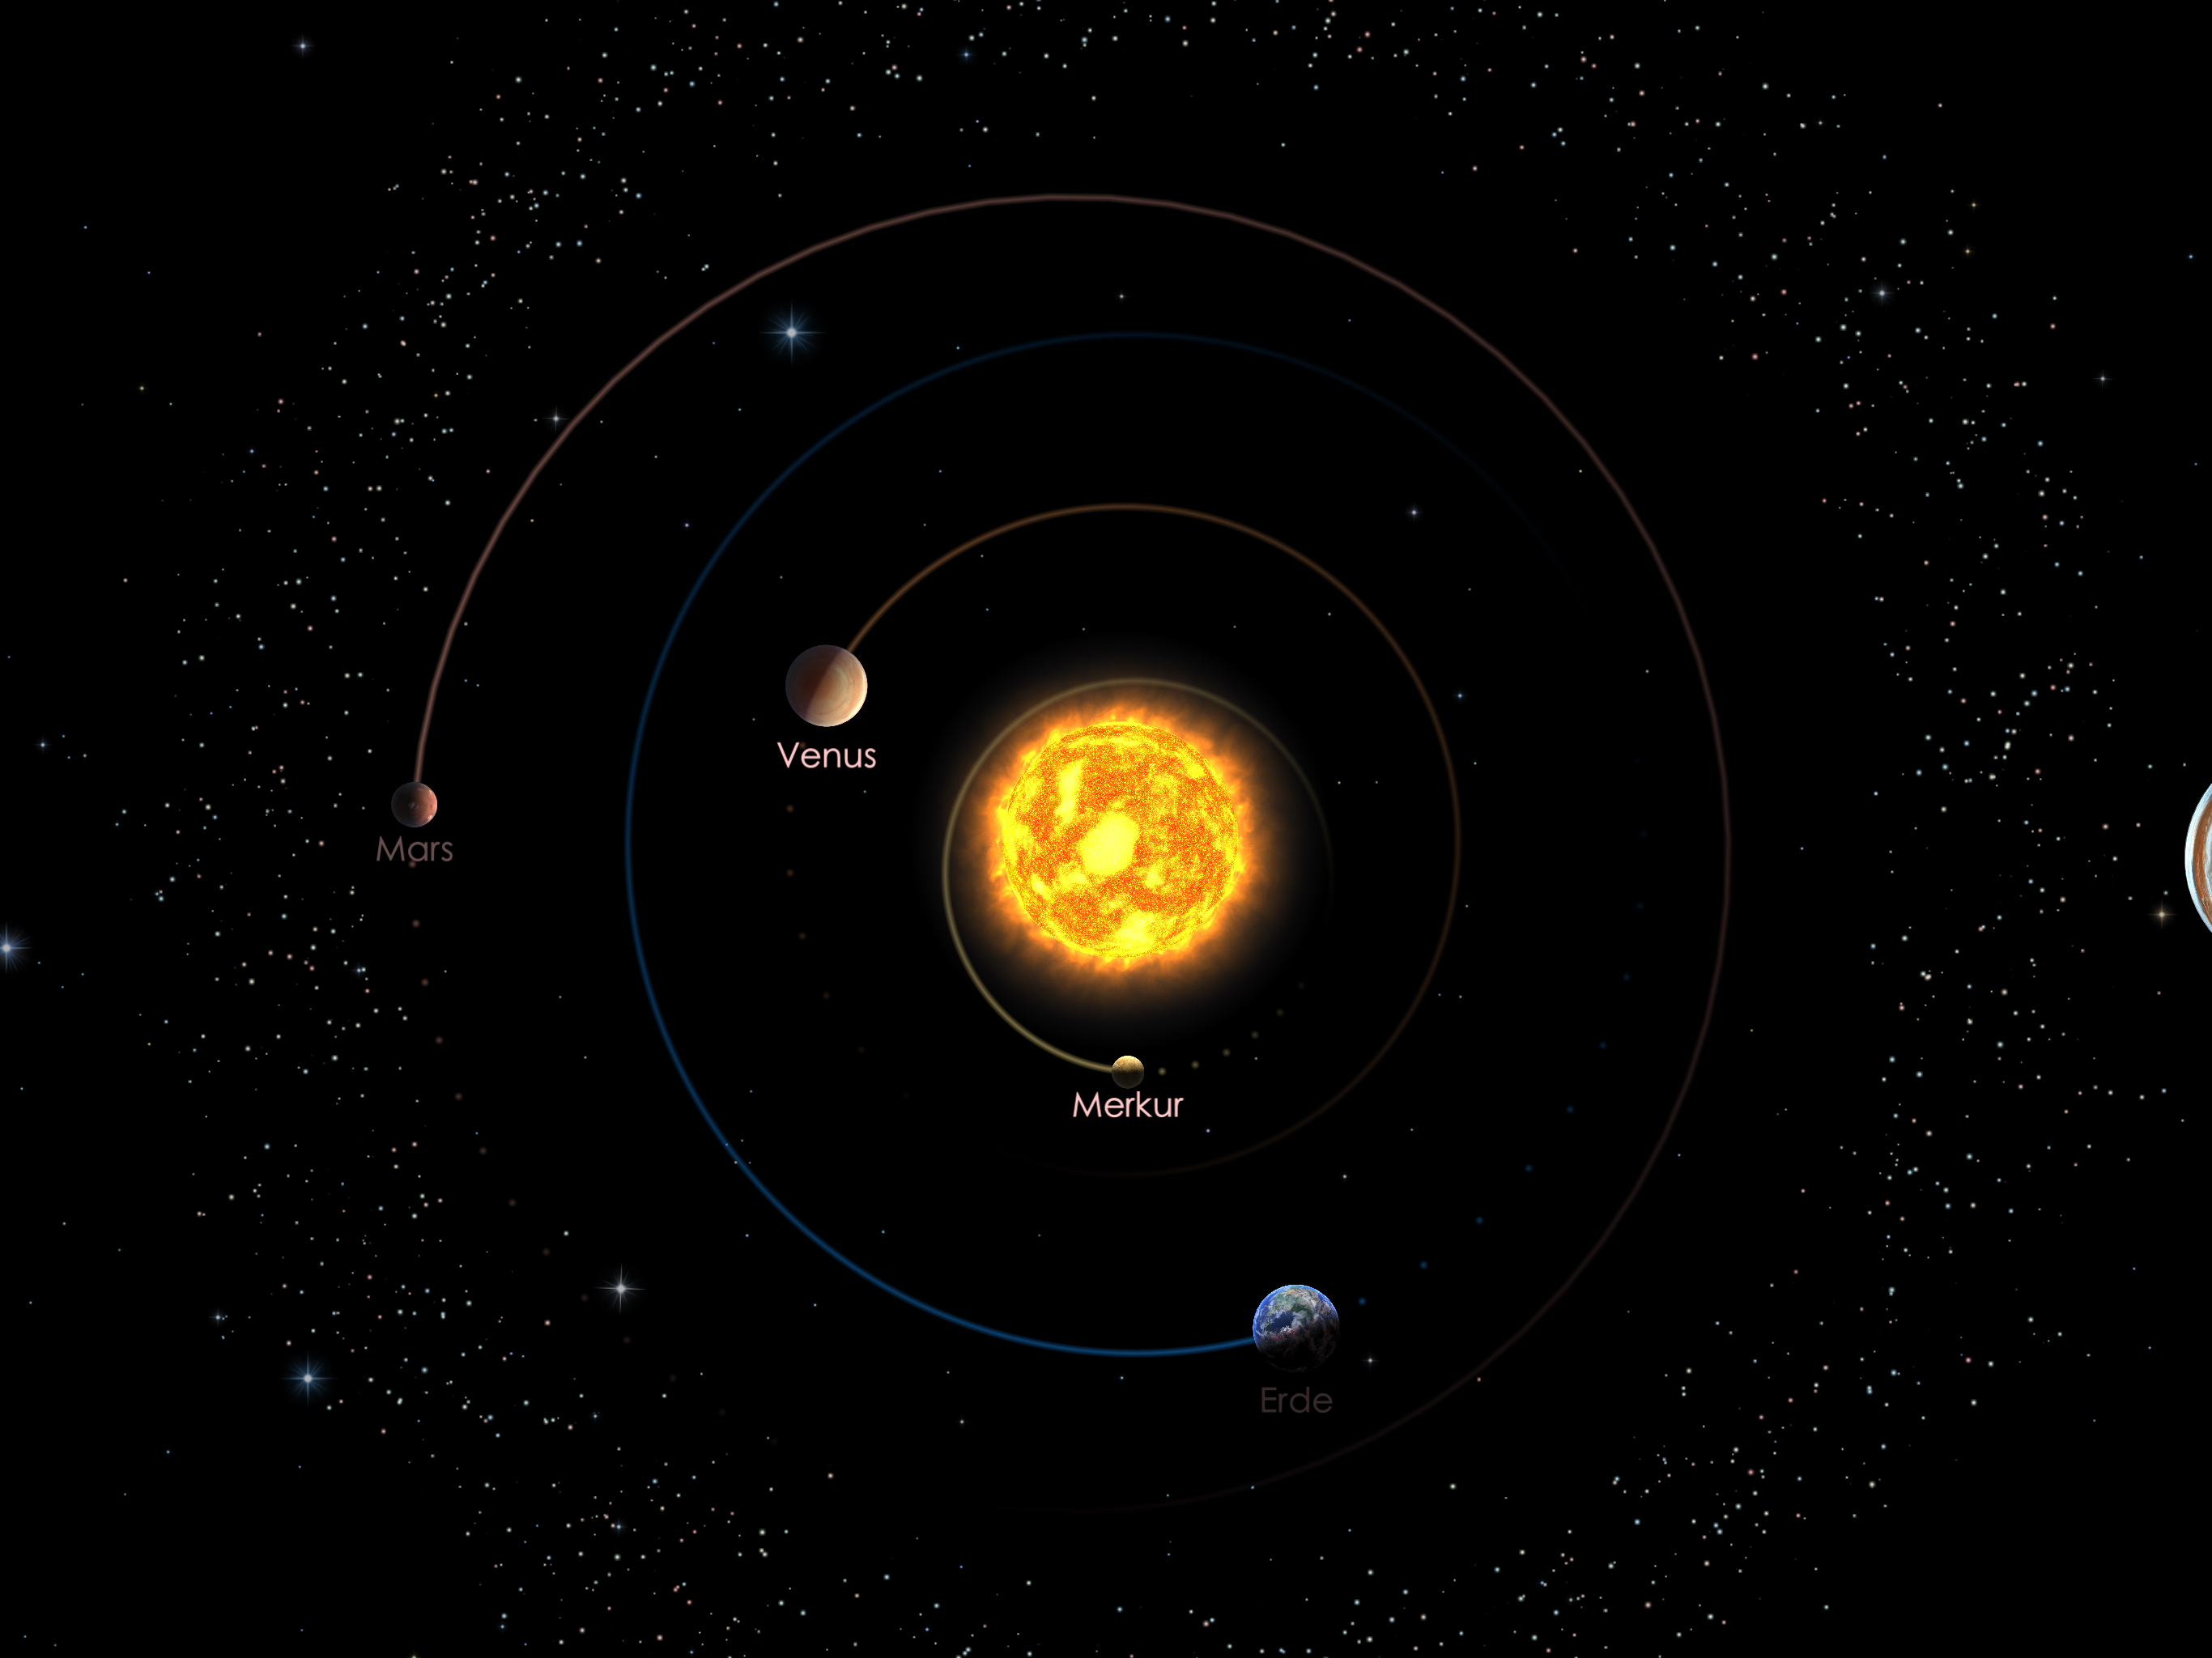 Die Positionen der inneren Planeten am 01.06.21